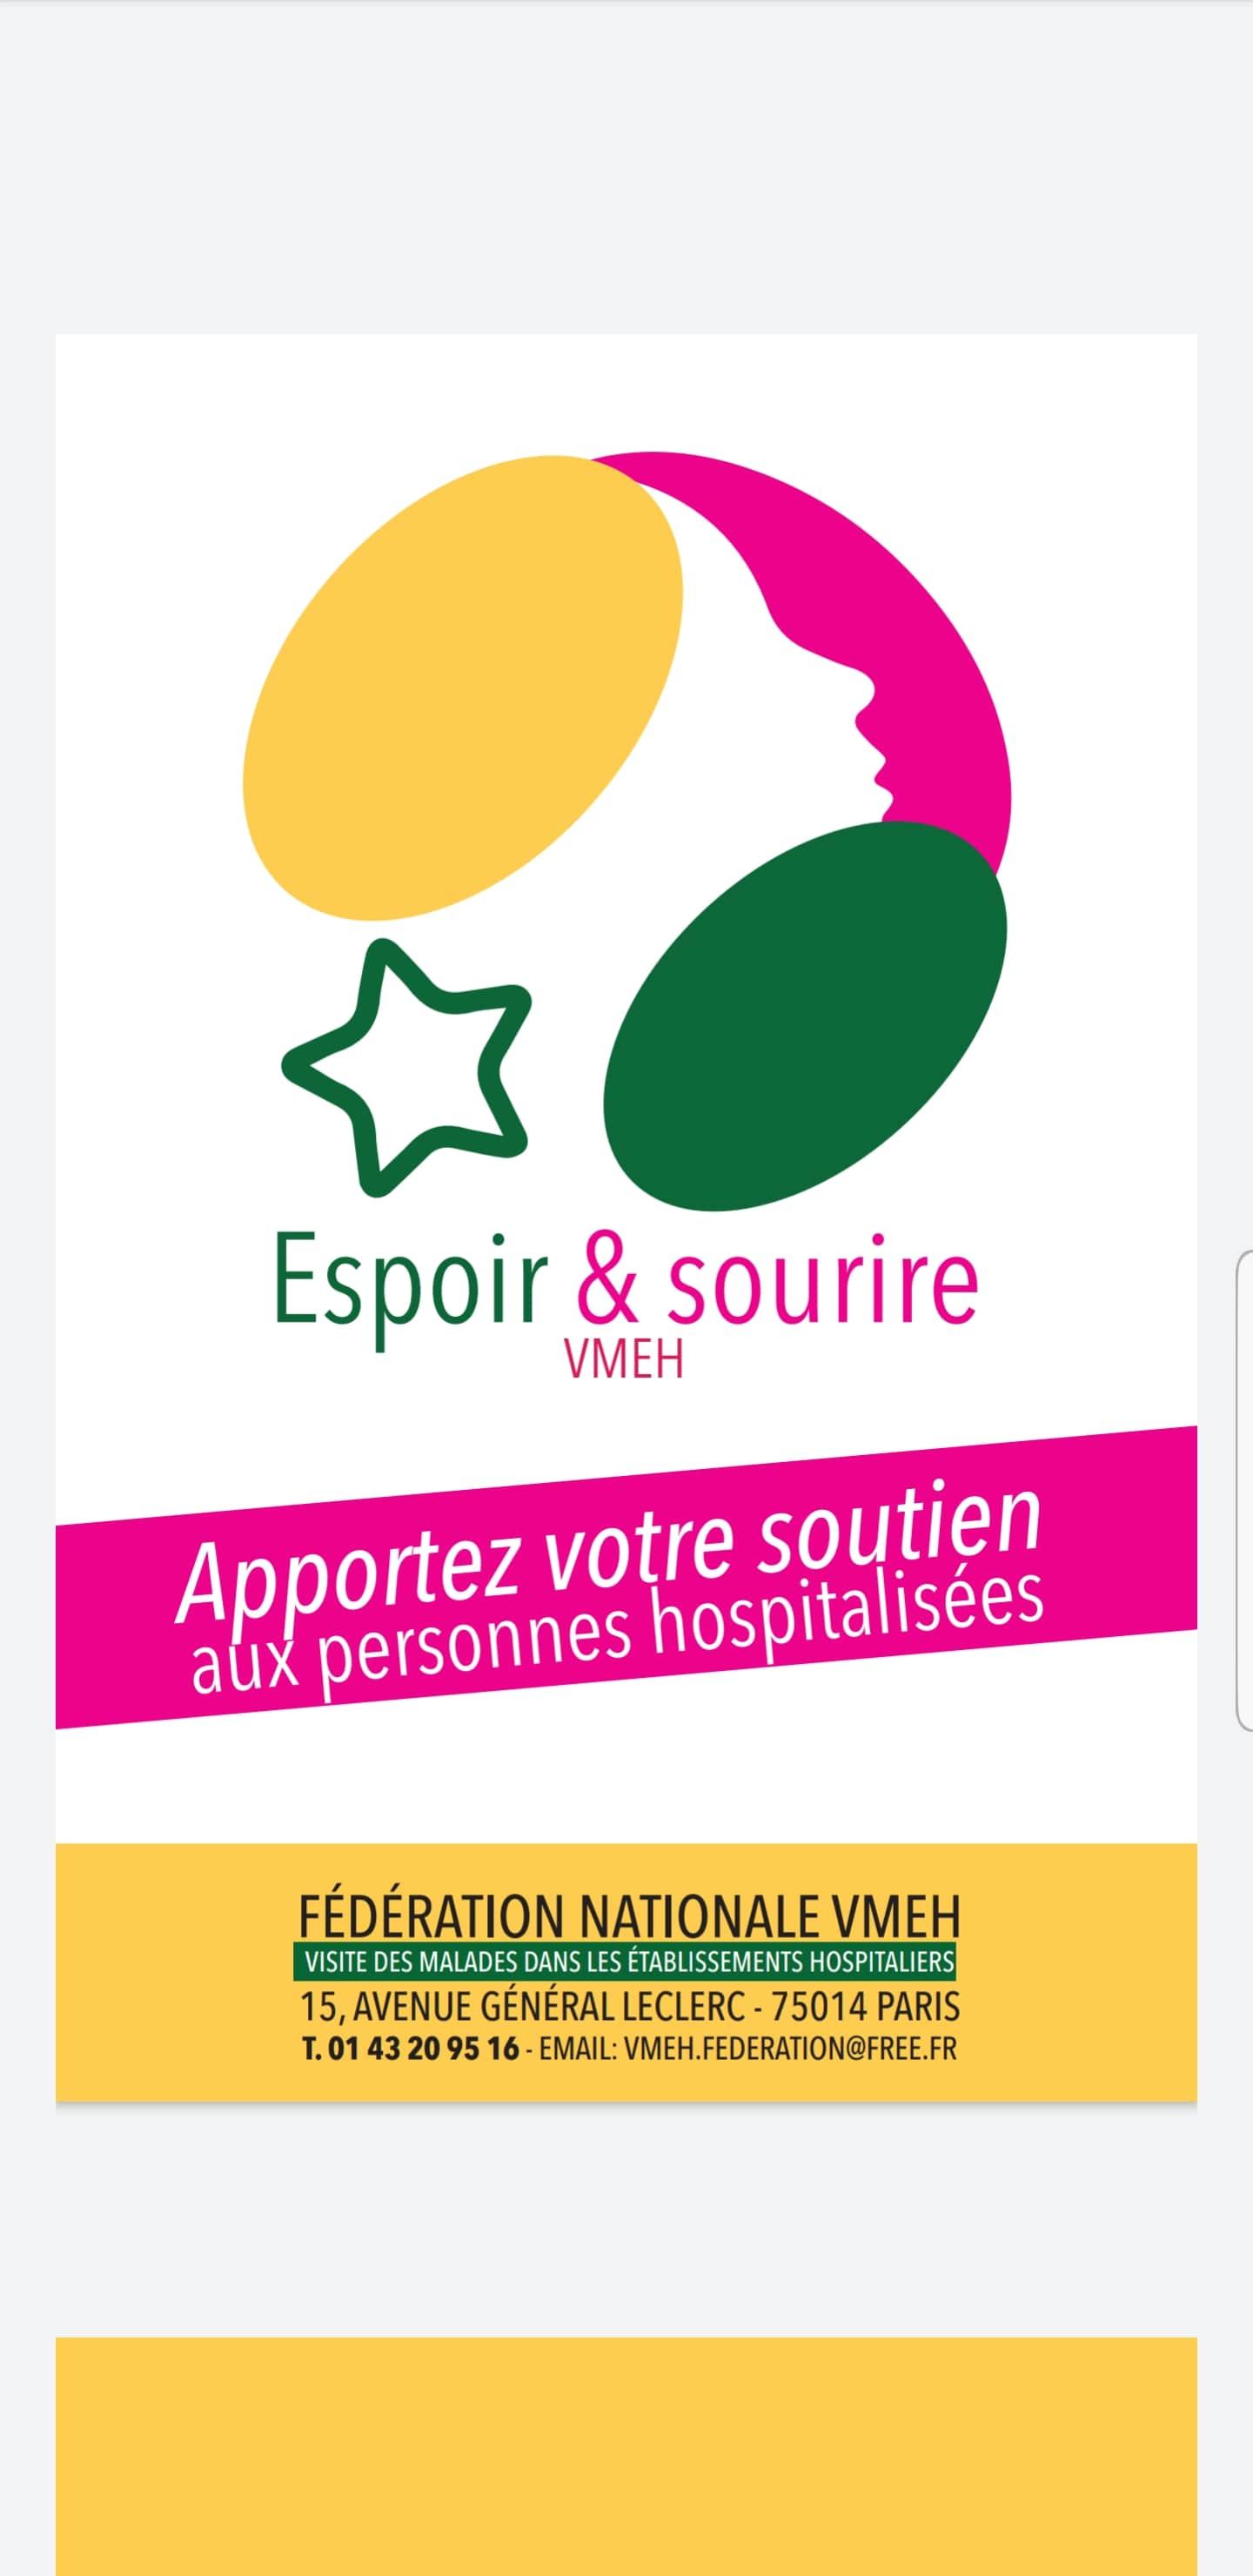 Visiteurs au CHU de Nantes et Hôpital Nord Laennec